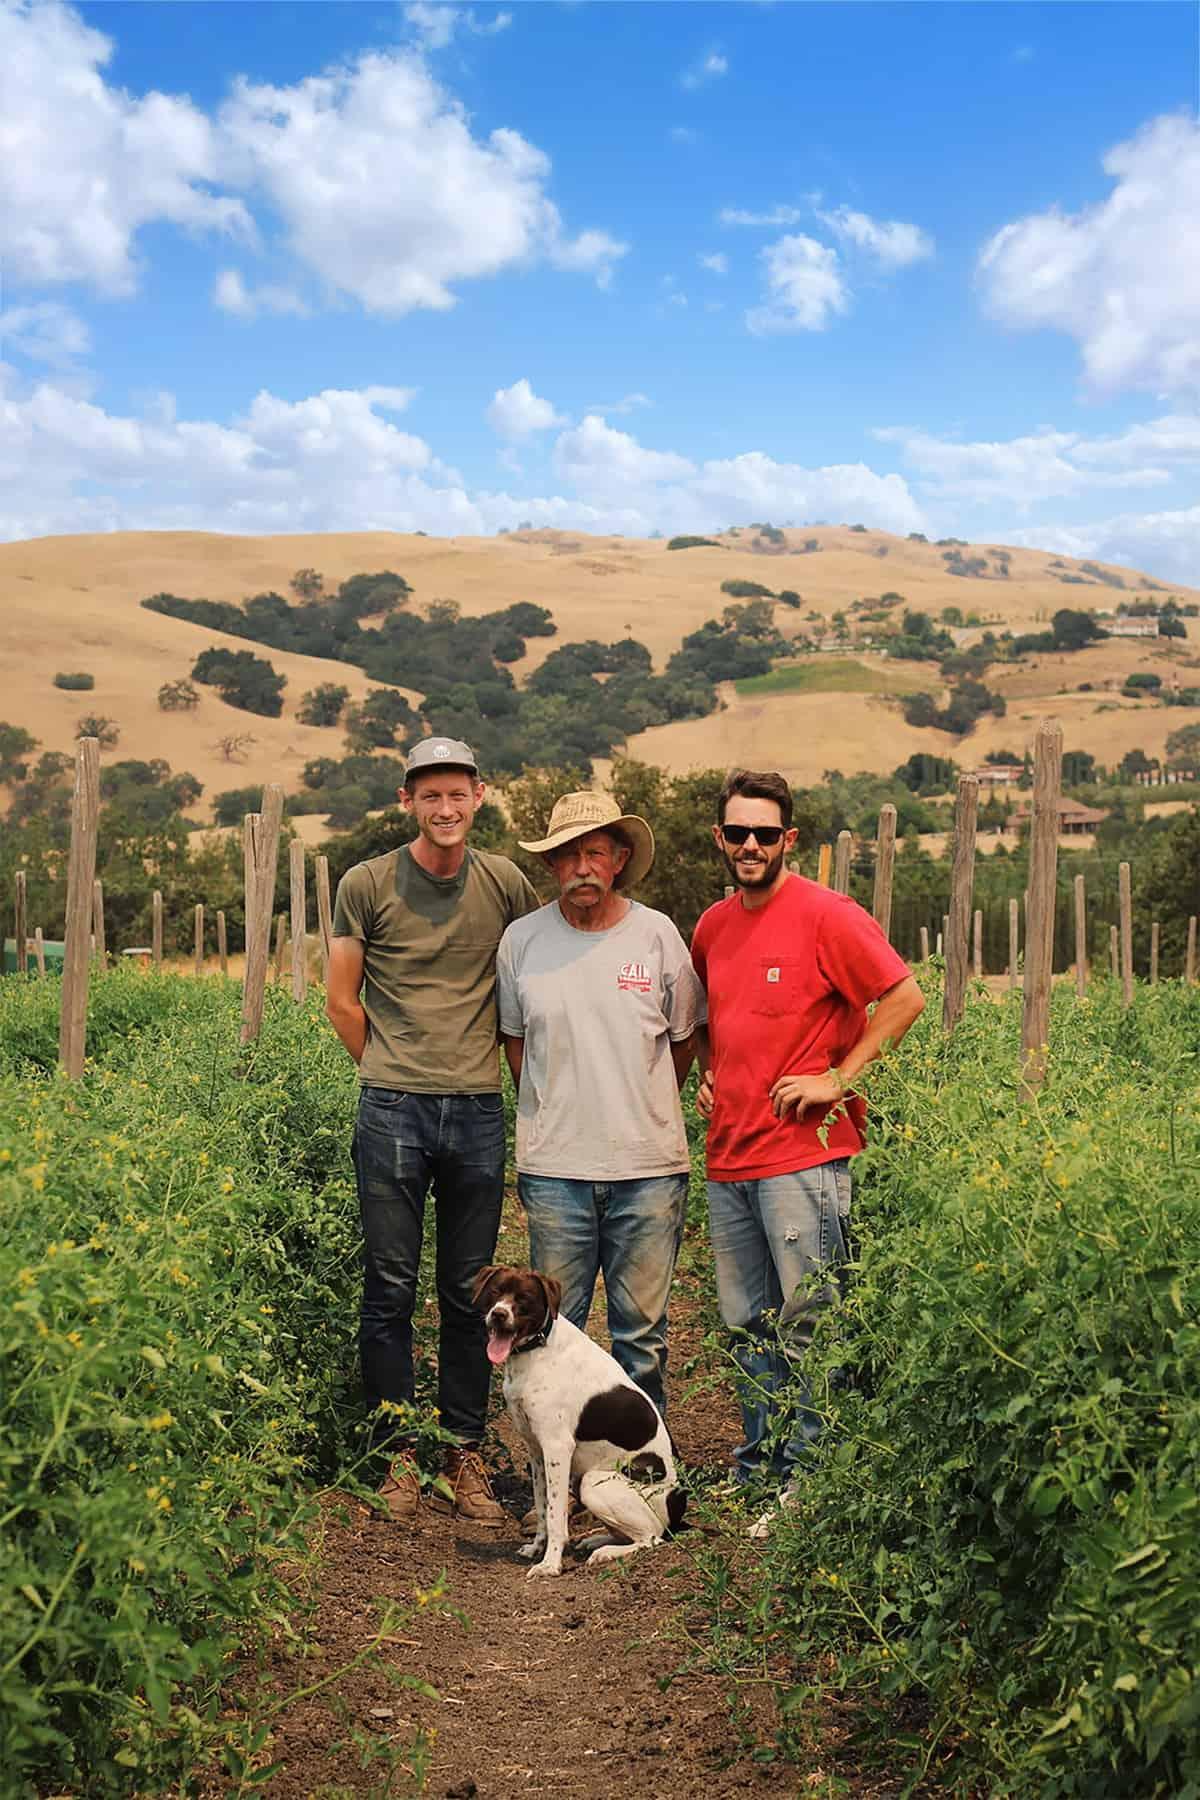 Meet a Farmer: Sam Thorp of Spade and Plow Farm